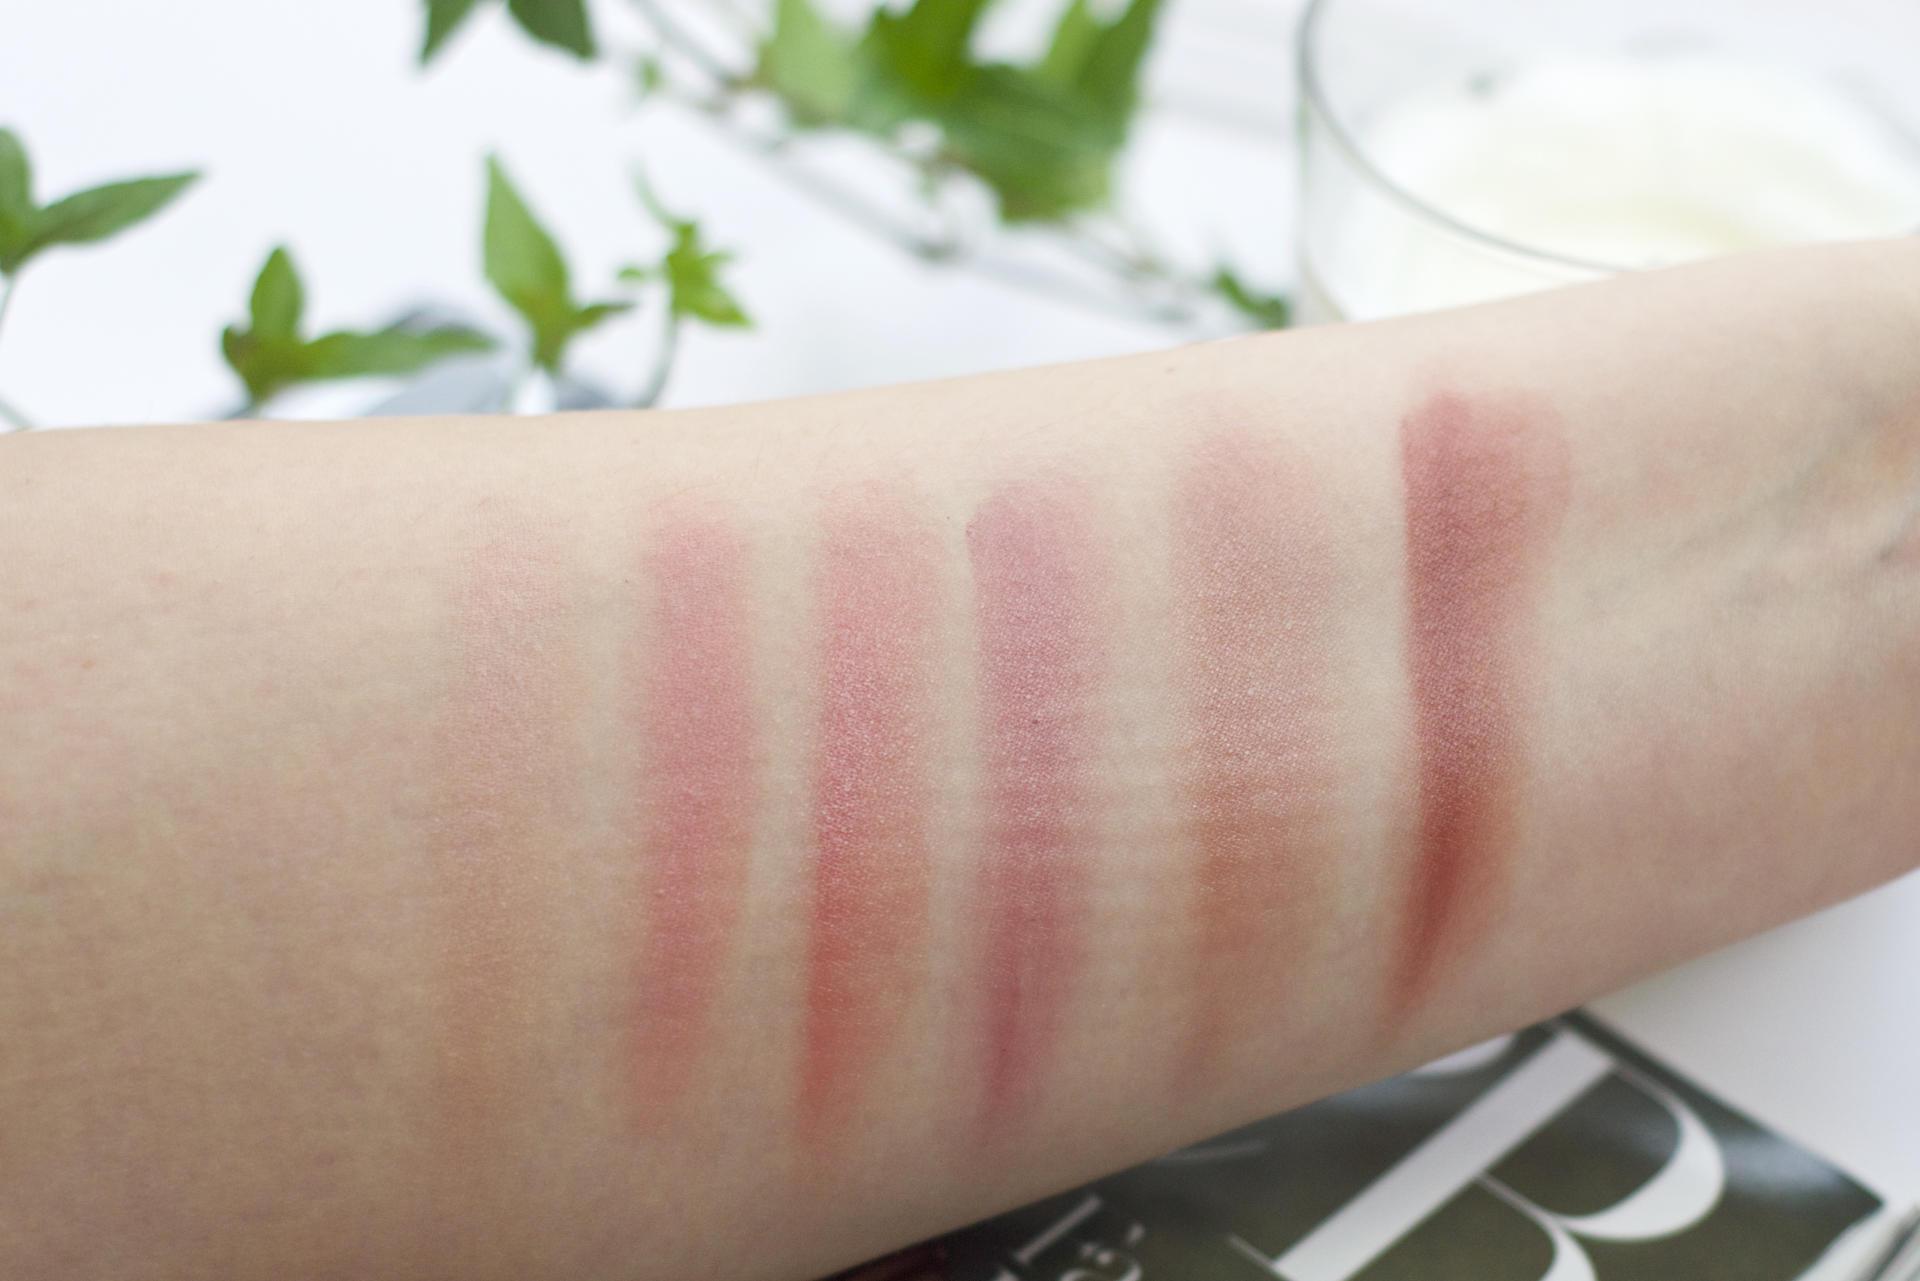 Color Riche La Palette Lip - Nude by L'Oreal #7